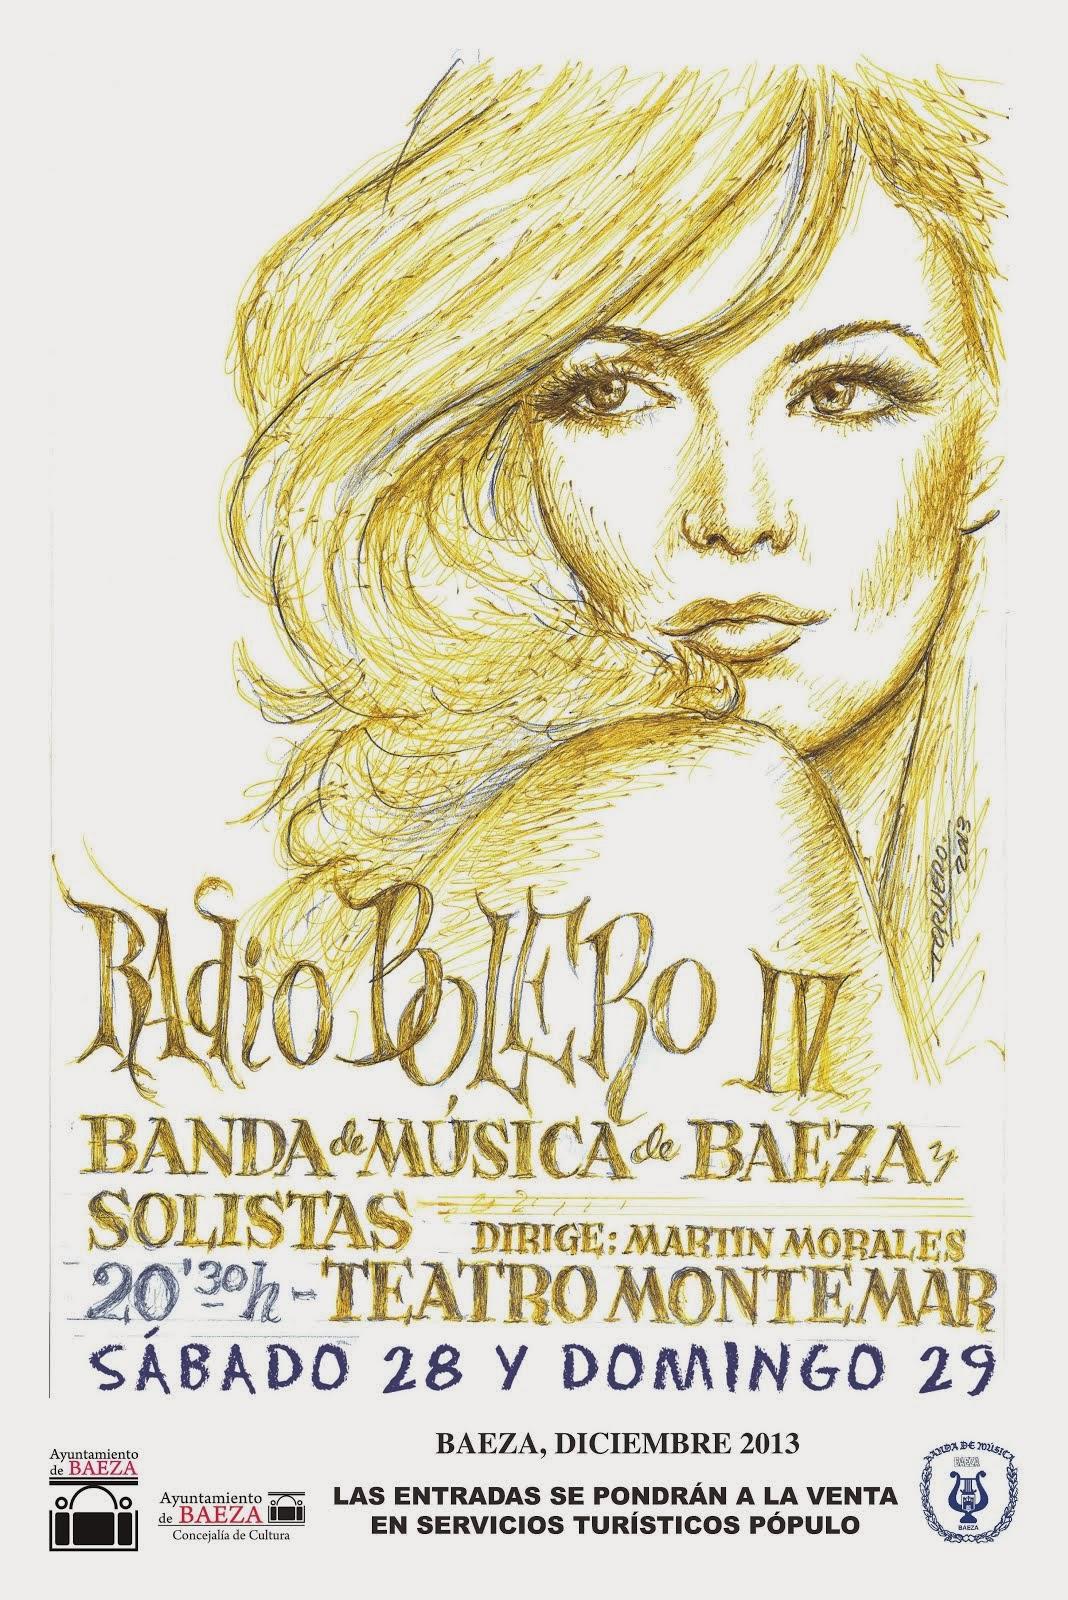 BOLEROS EN NAVIDAD 2013 - BANDA DE MÚSICA DE BAEZA